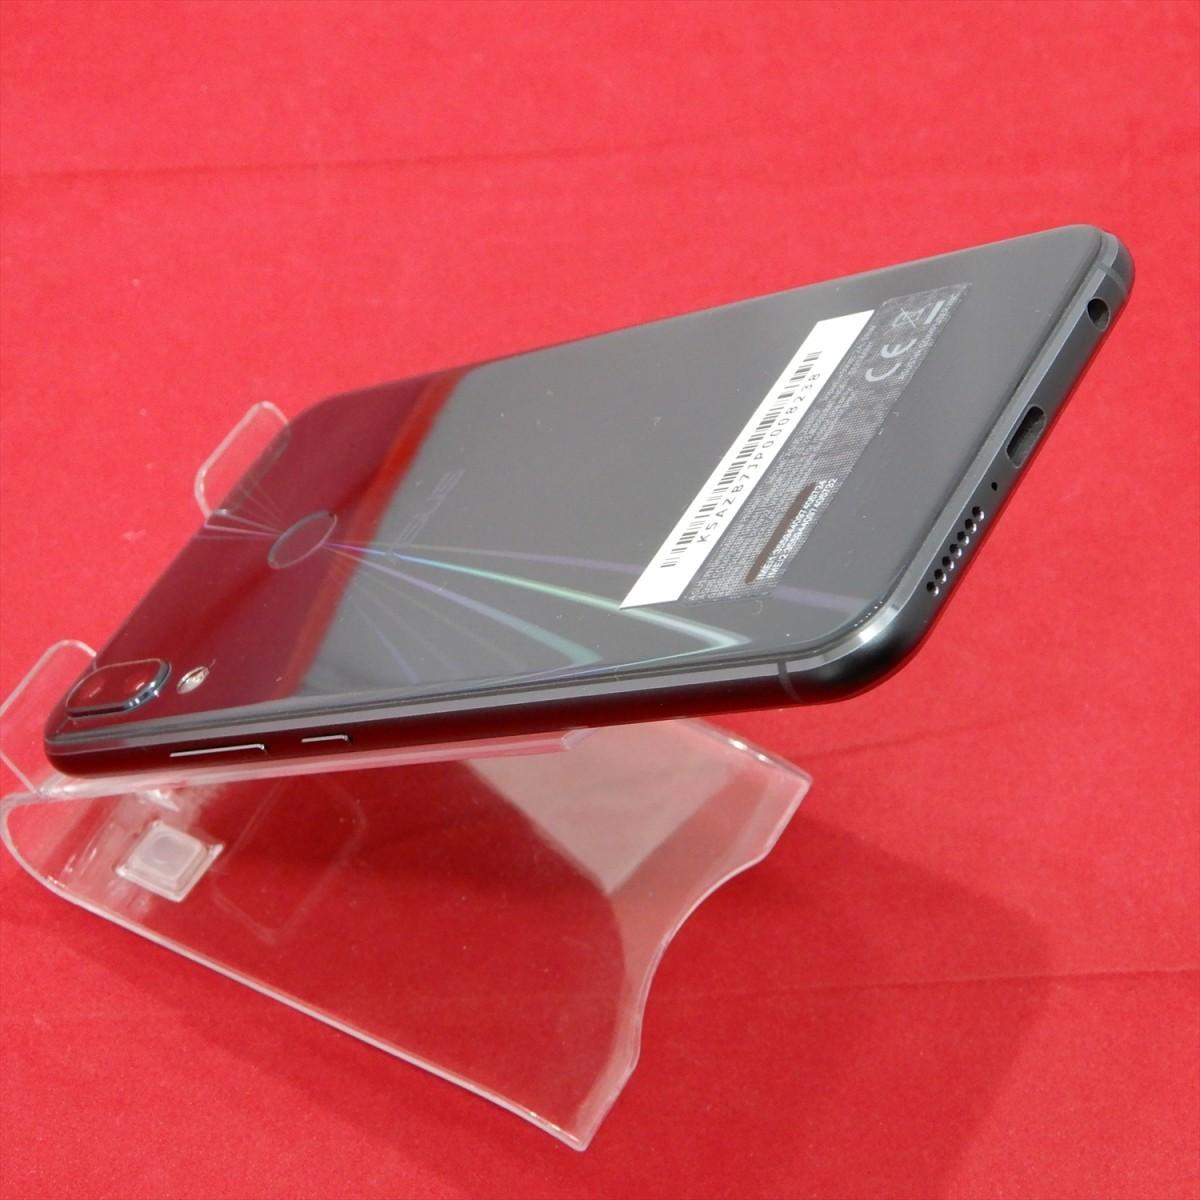 ZenFone 5Z ZS620KL 6.2インチ メモリー6GB ストレージ128GB シャイニーブラック SIMフリーの商品画像|4